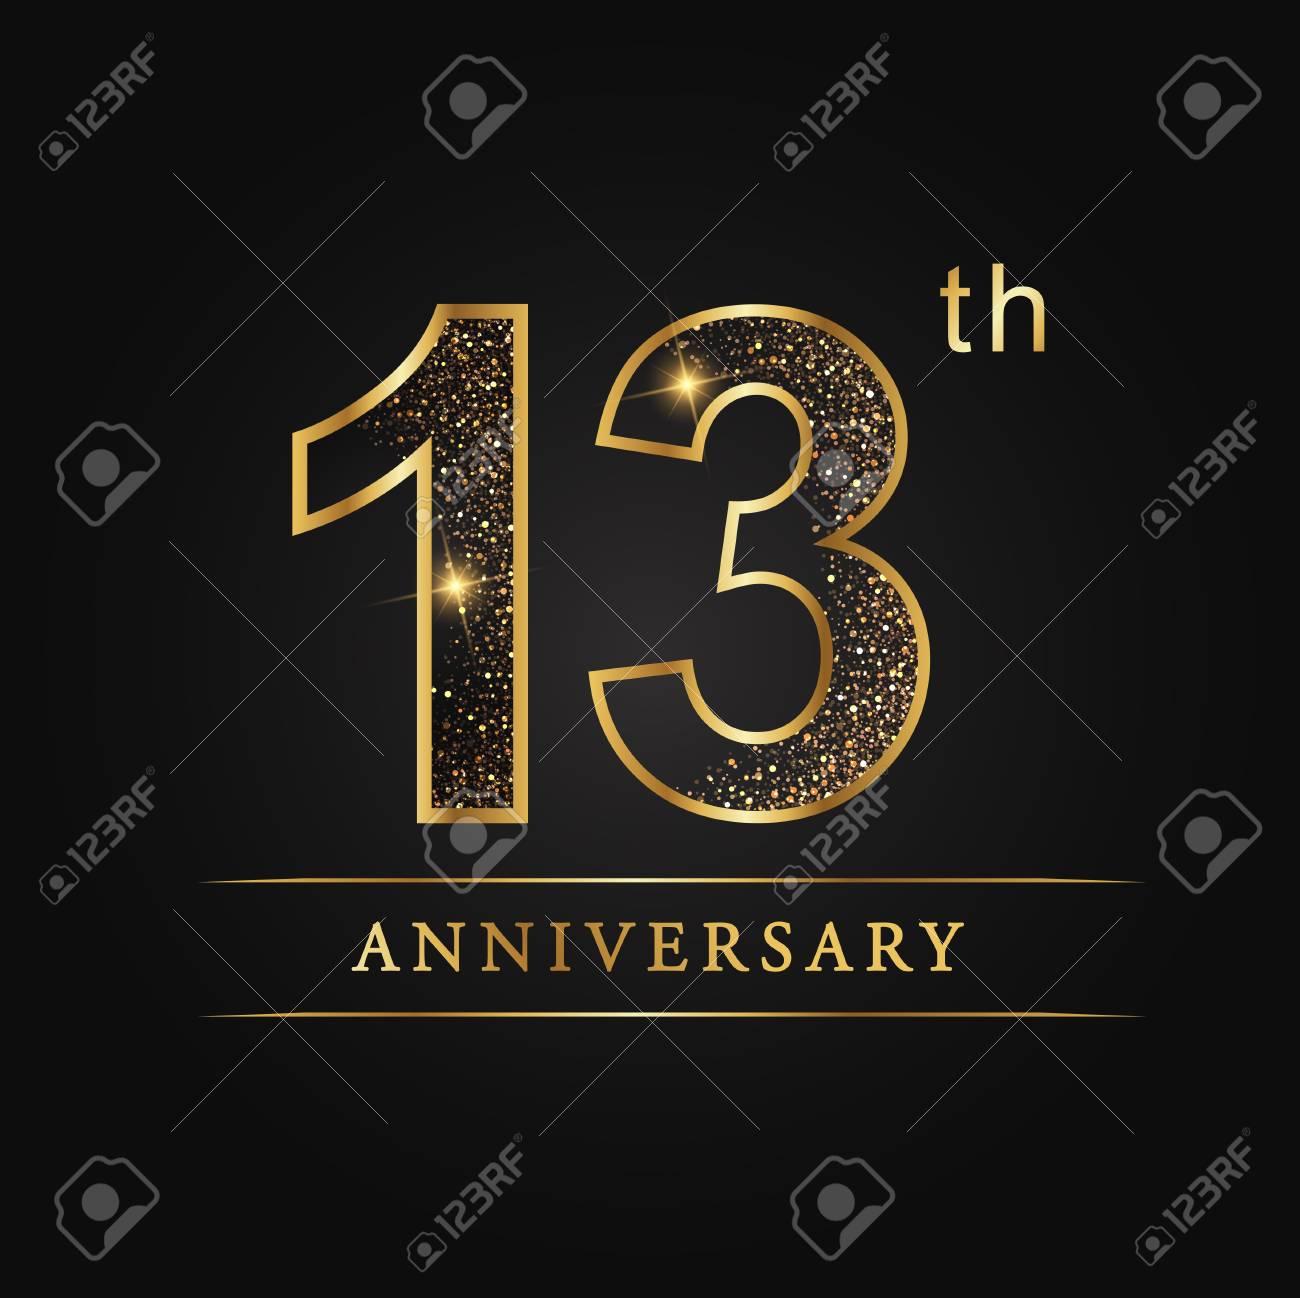 13 Ans Anniversaire De La Fete De Mariage De 13 Ans Logo